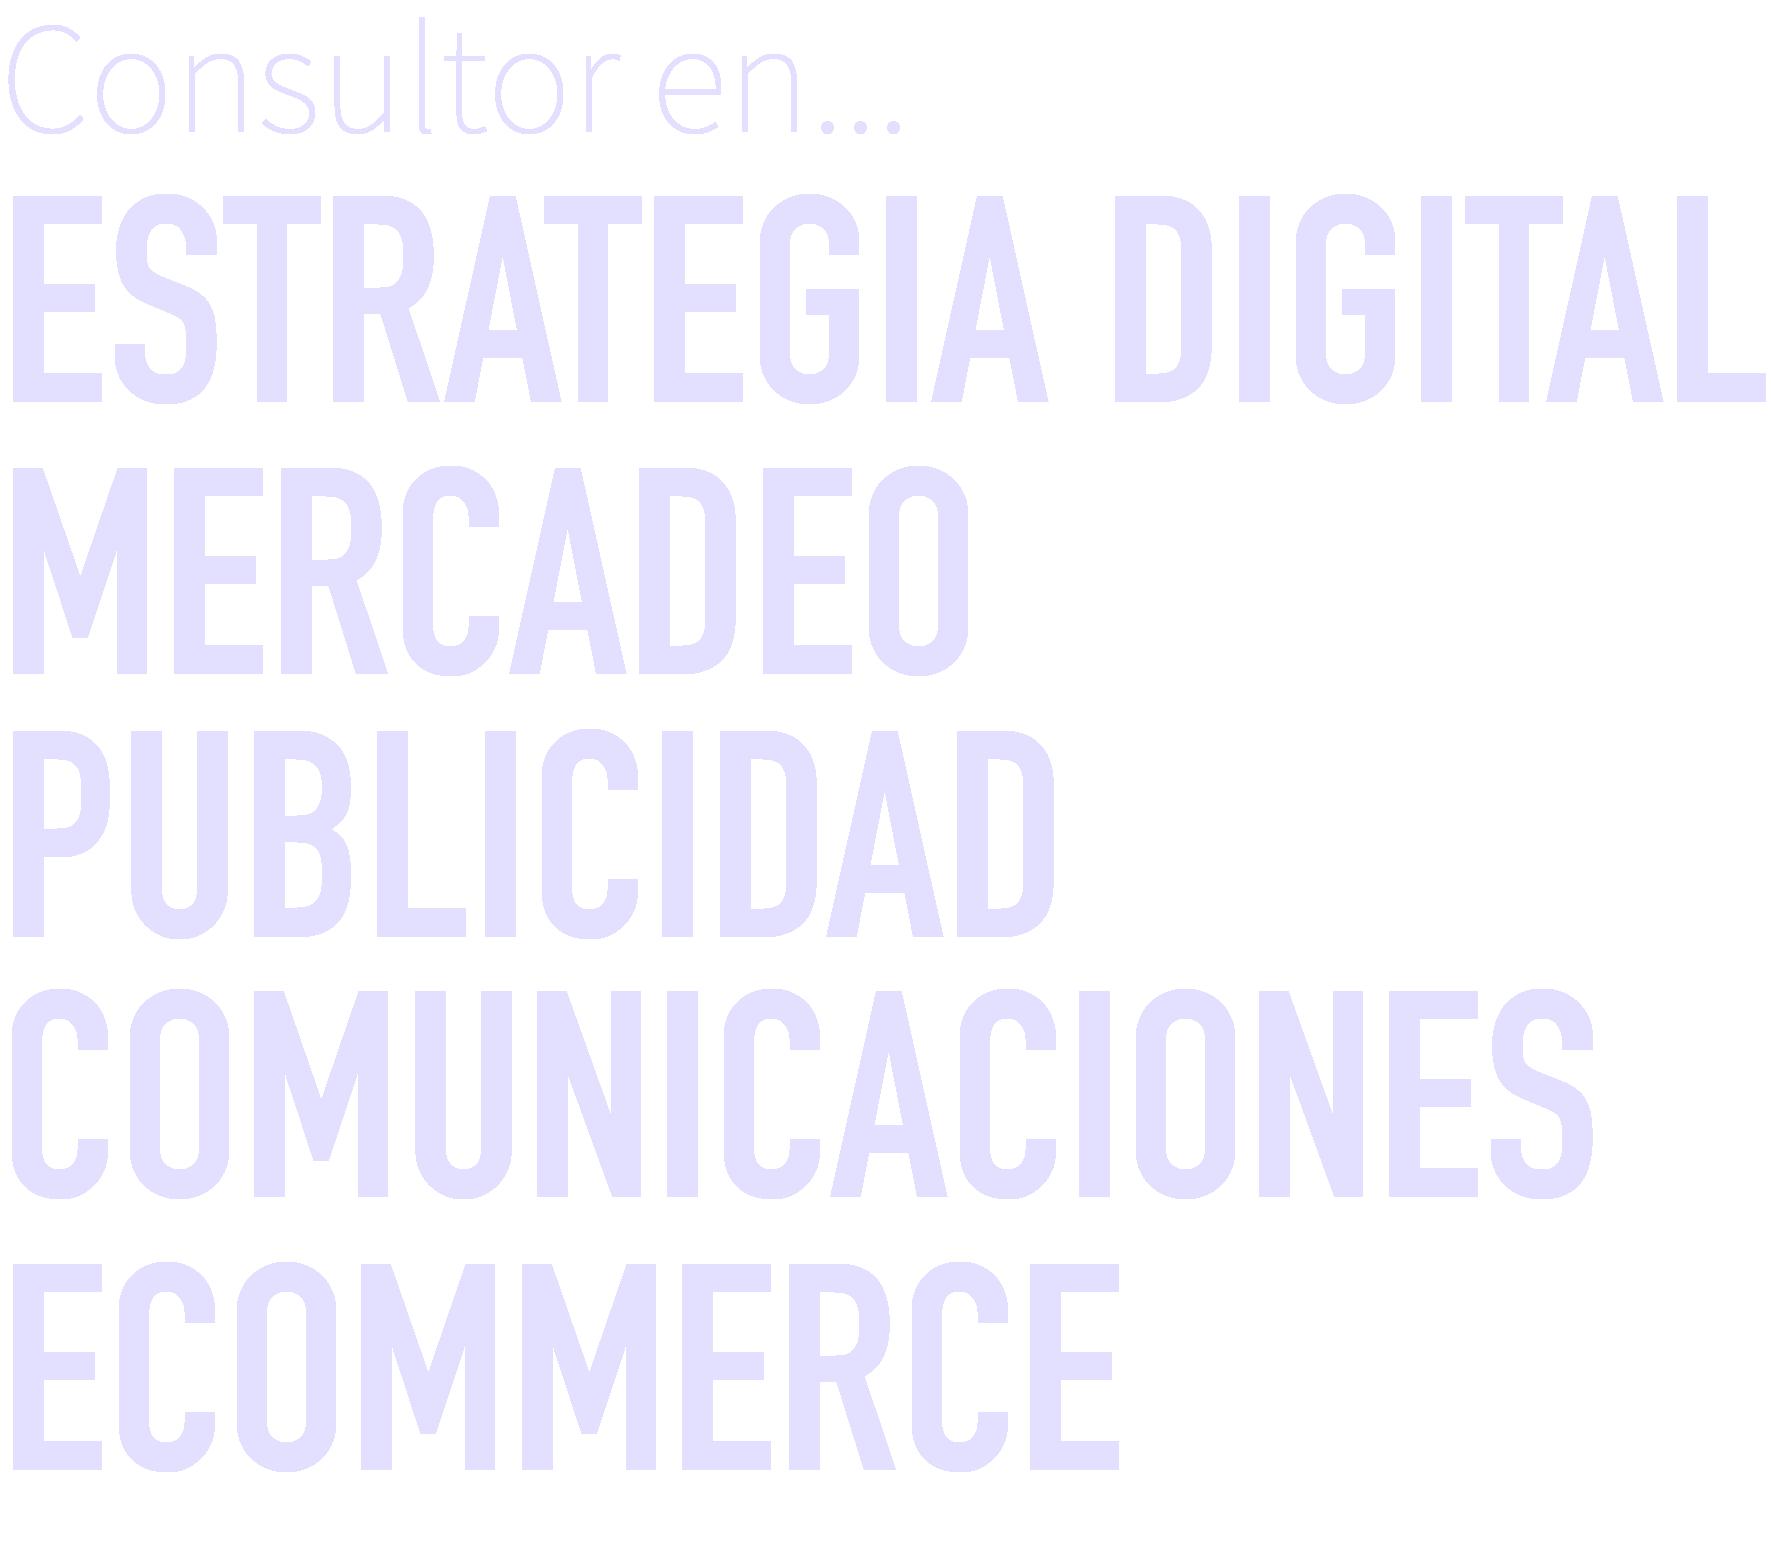 ESTRATEGIA DIGITAL_PUBLICIDAD_MERCADEO_COMUNICACIONES_ECOMMERCE.png